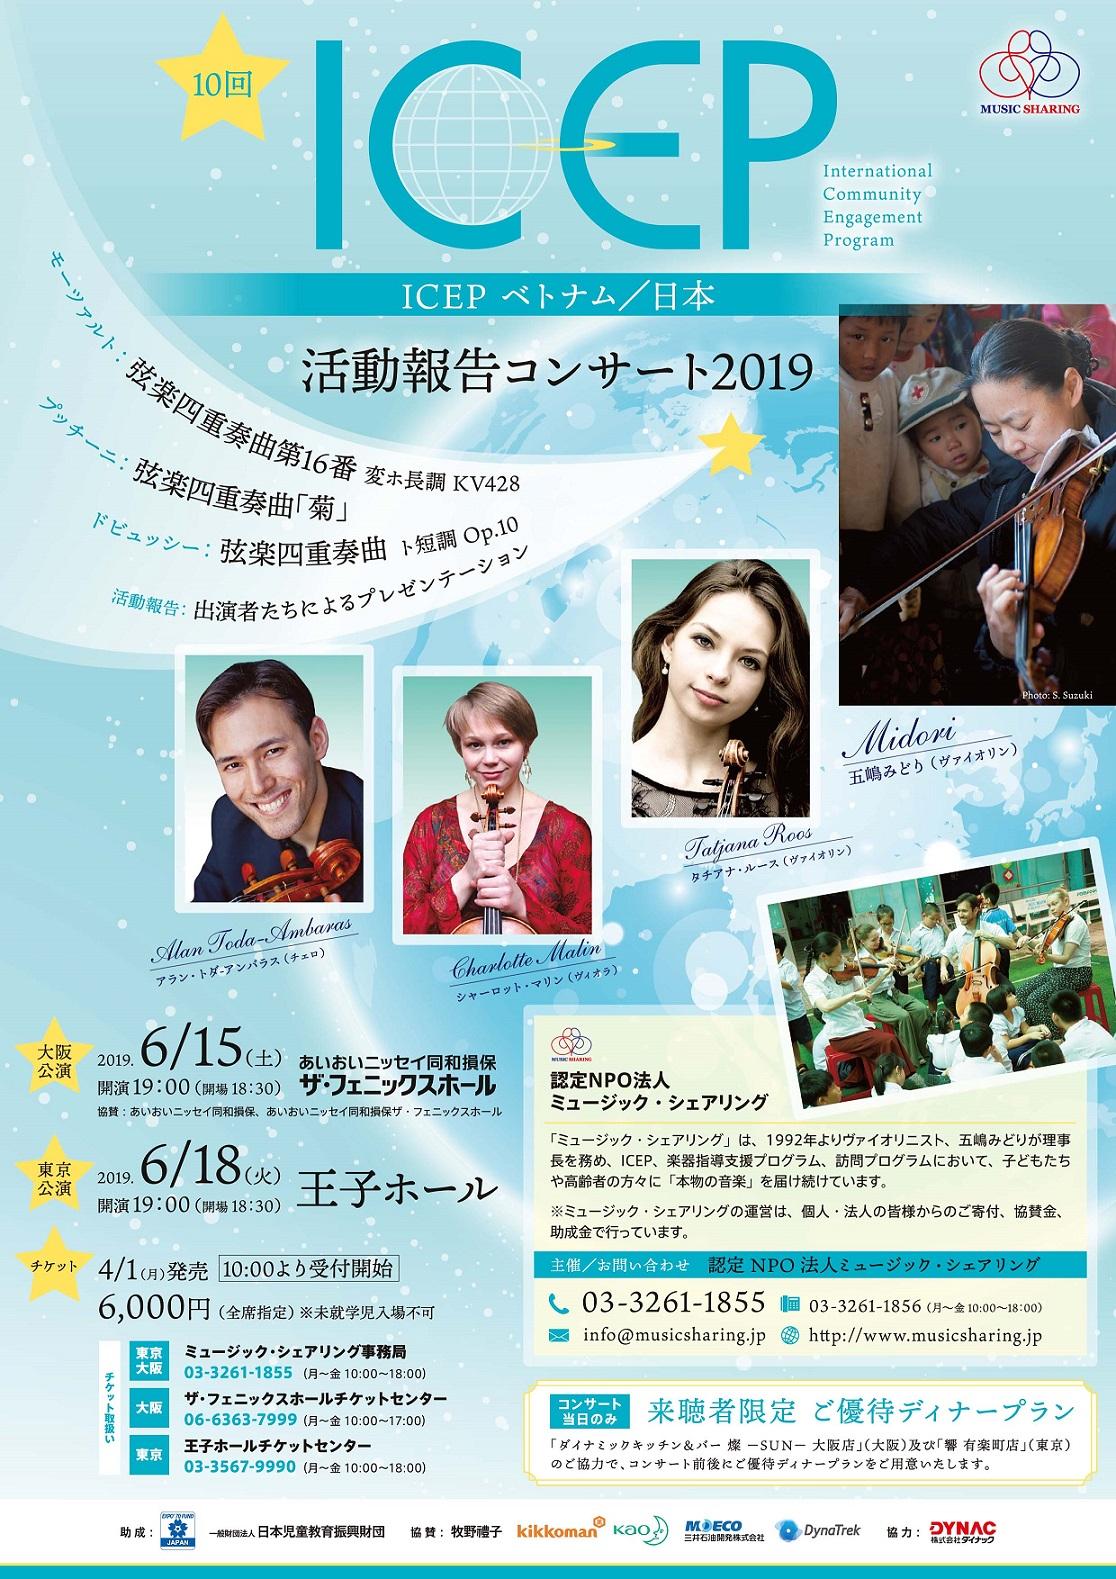 第10回ICEPベトナム/日本活動報告コンサート